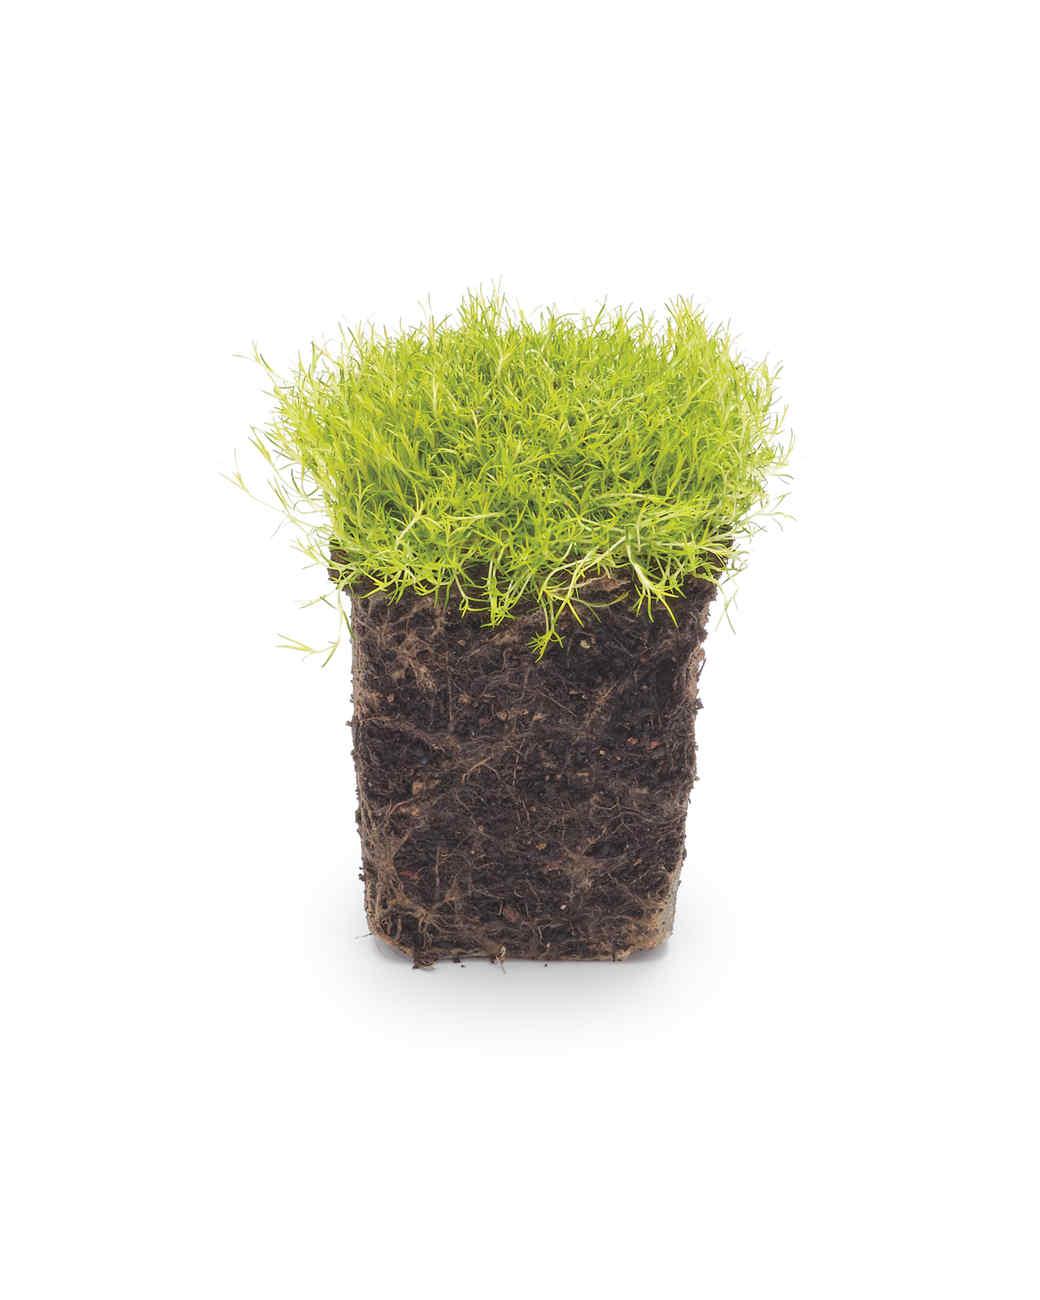 scotch-moss-mld108562.jpg